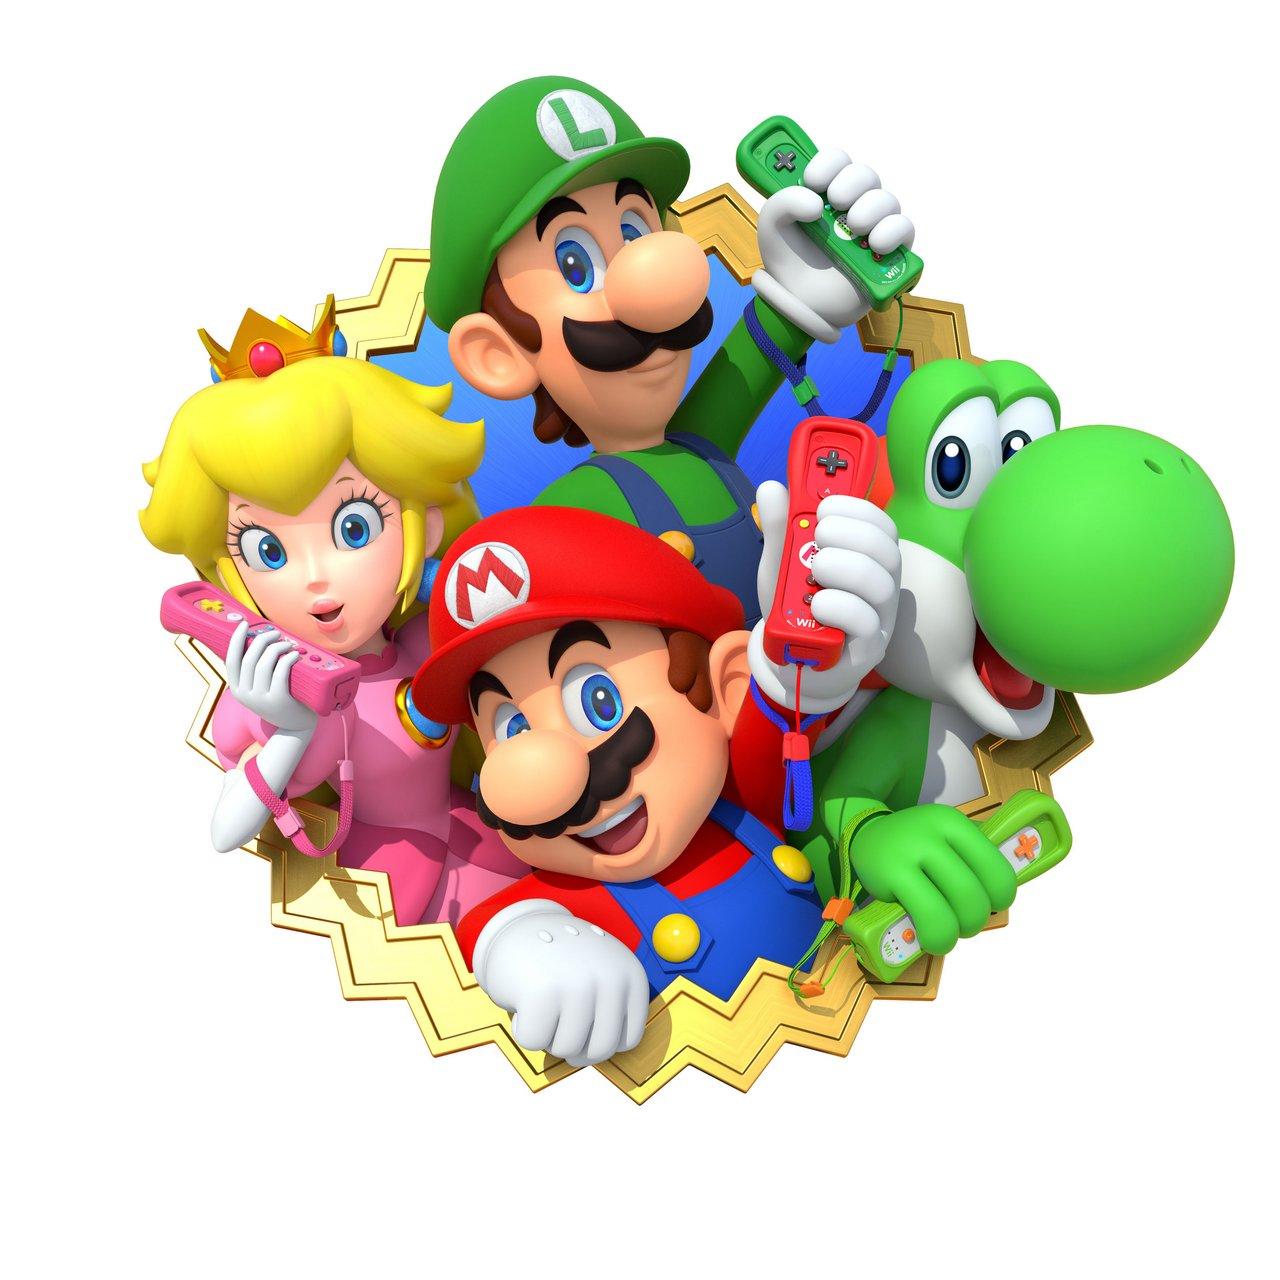 Diseños de personajes para Mario Party 10